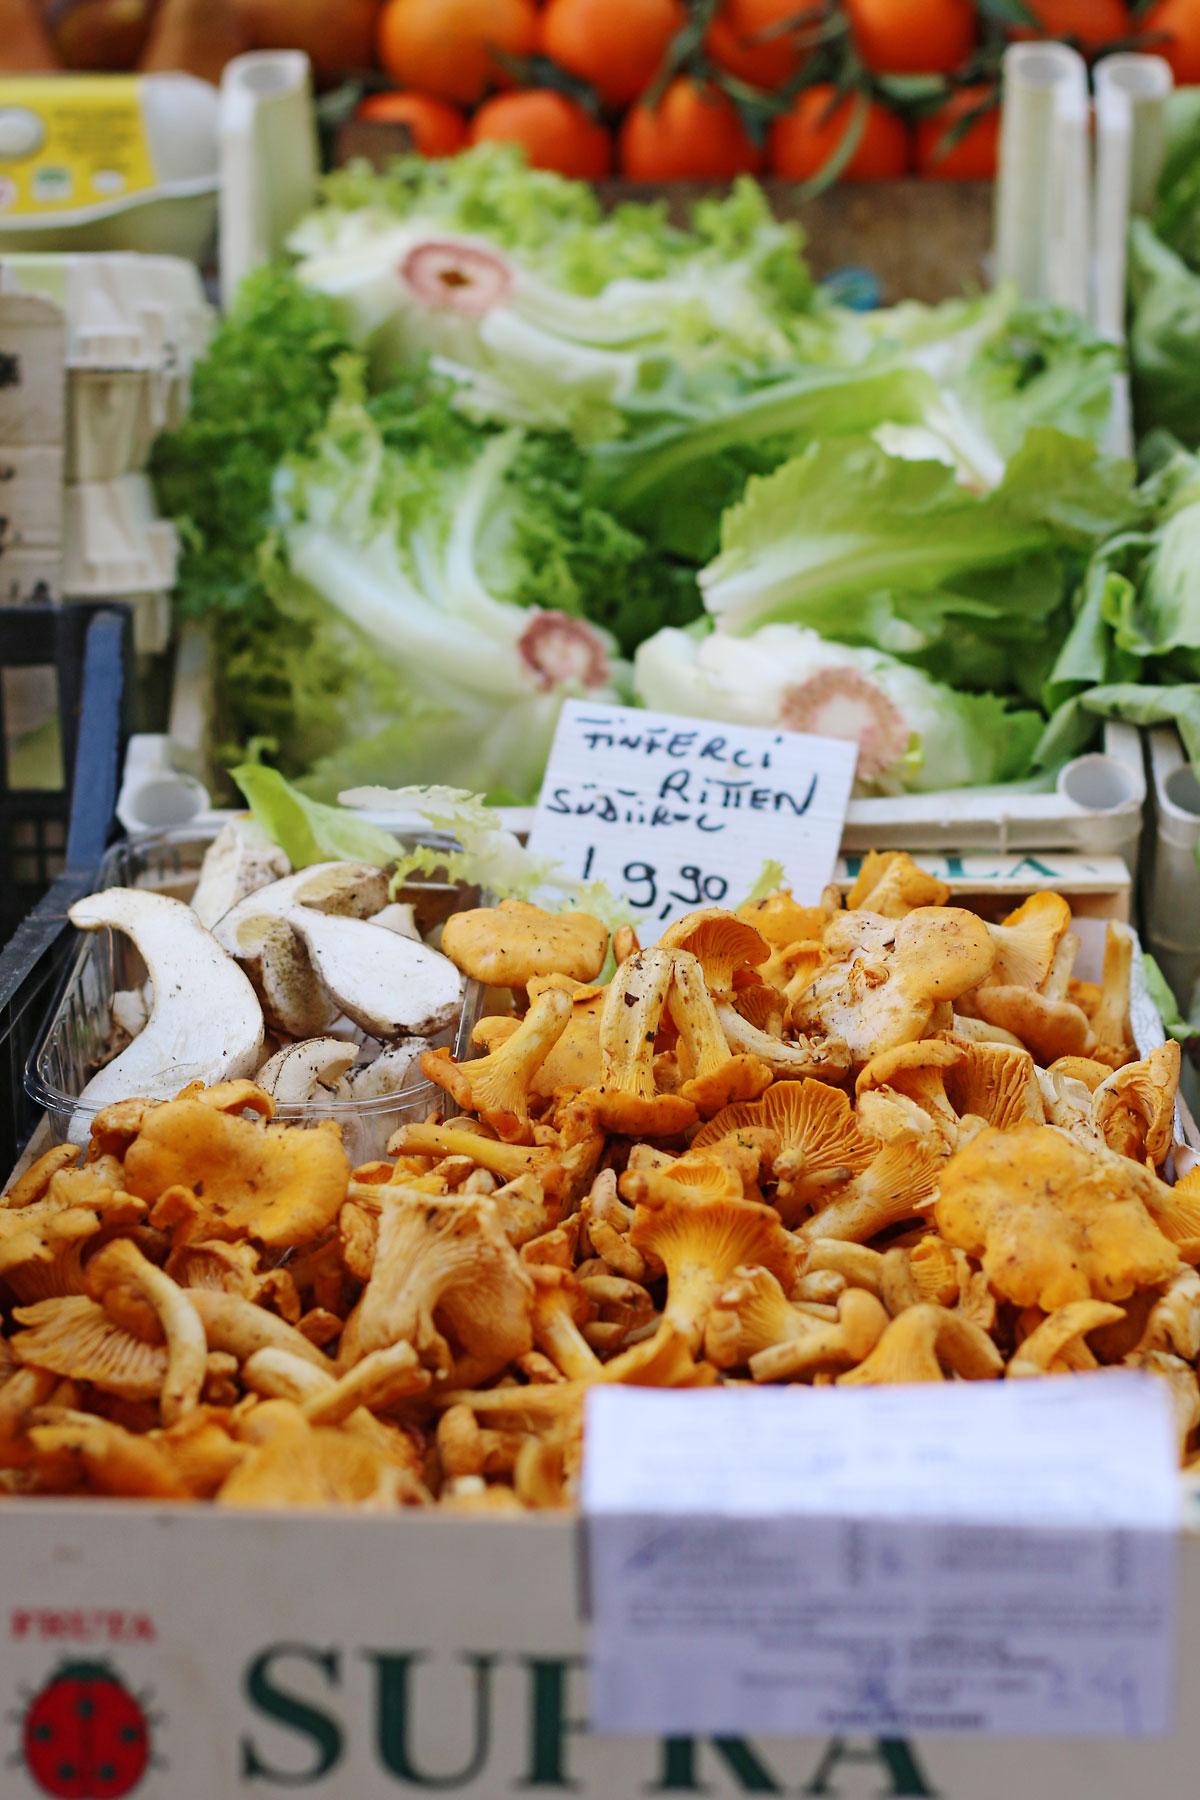 Obstmarkt Bozen mit Pilzen